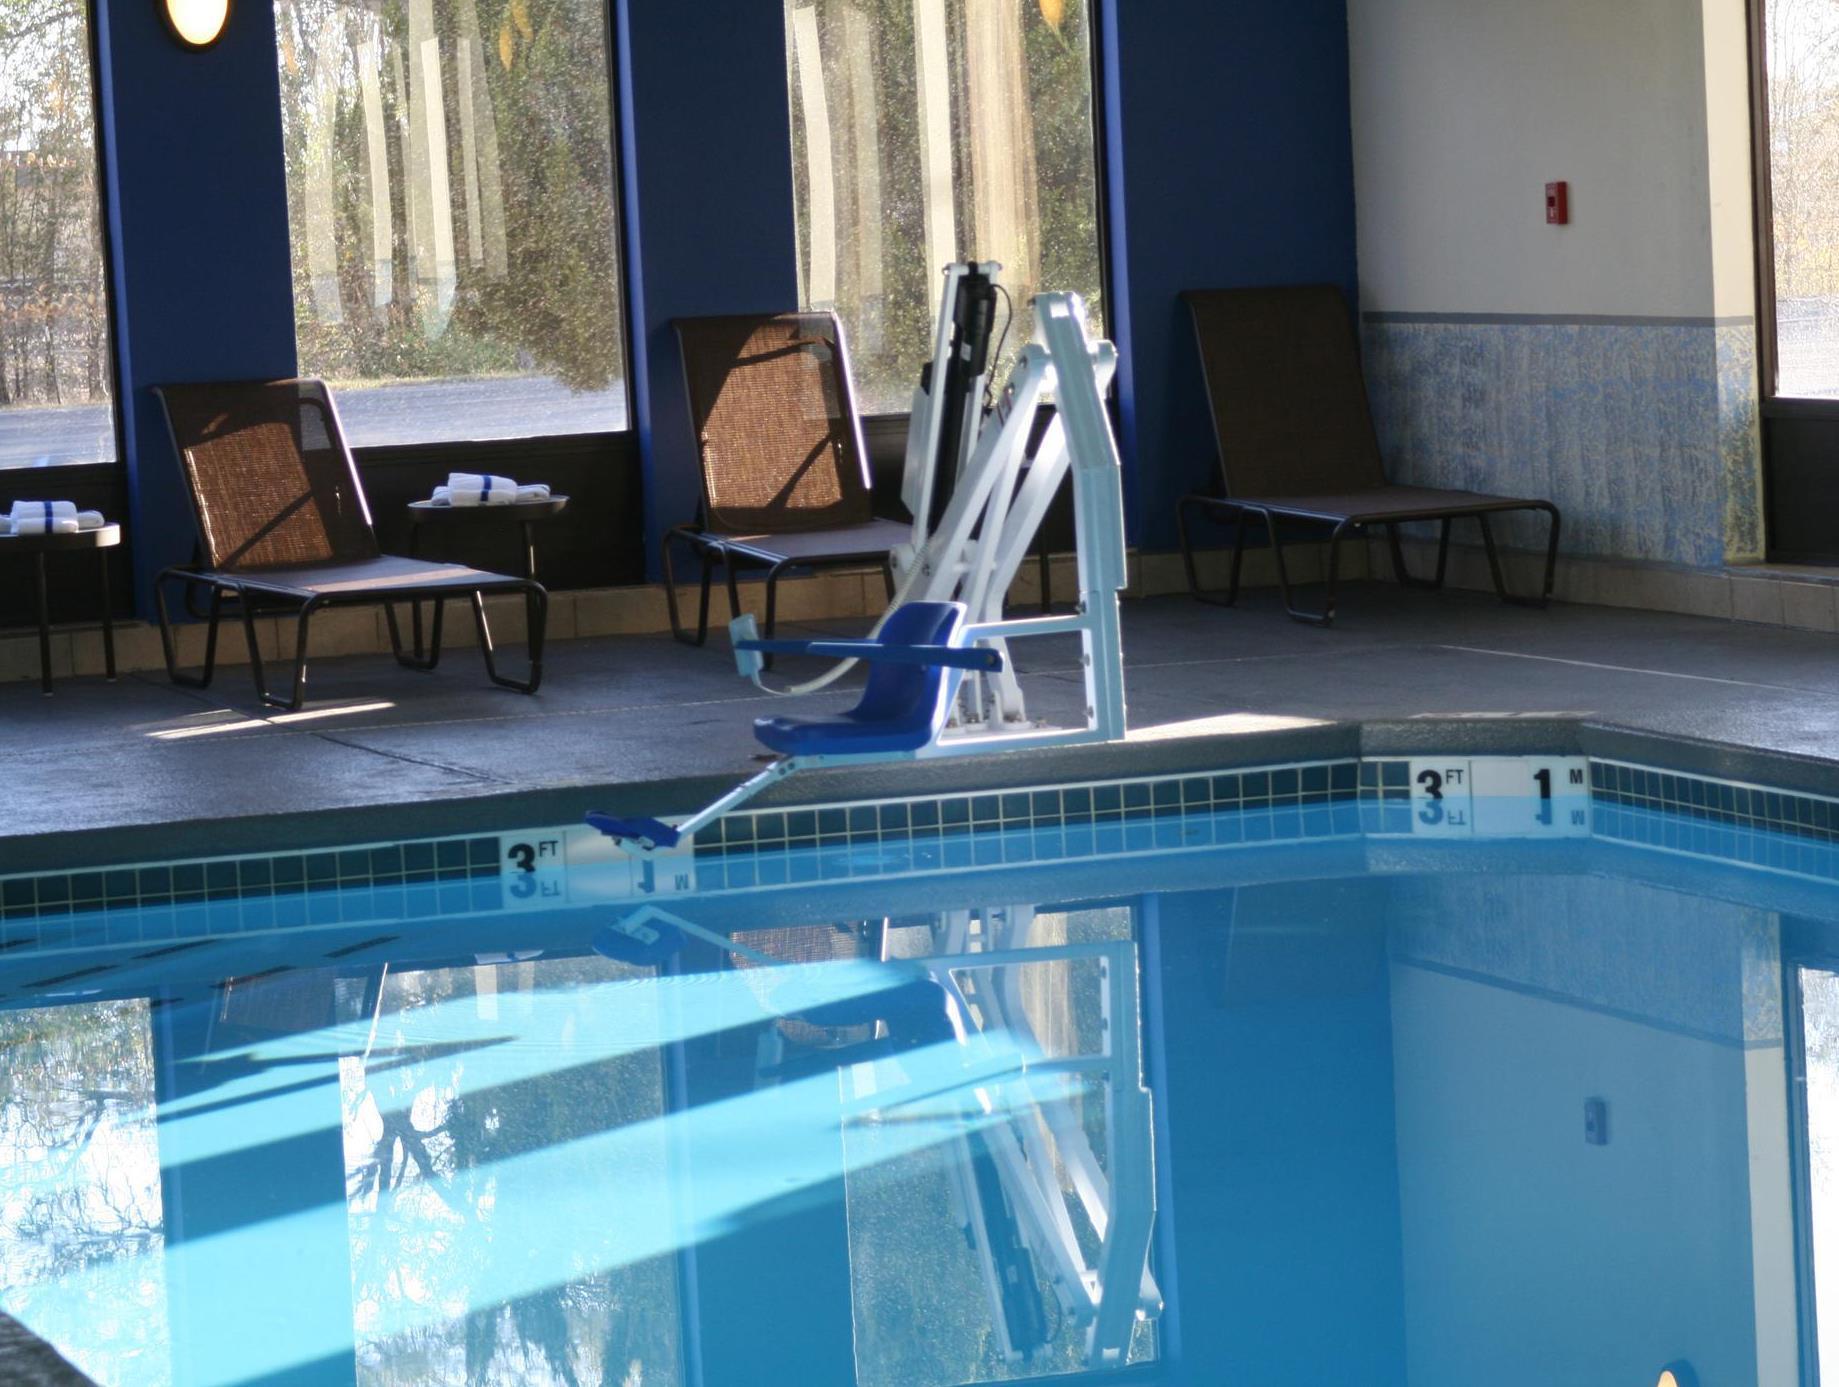 OYO Hotel Clovis NM Hwy 60